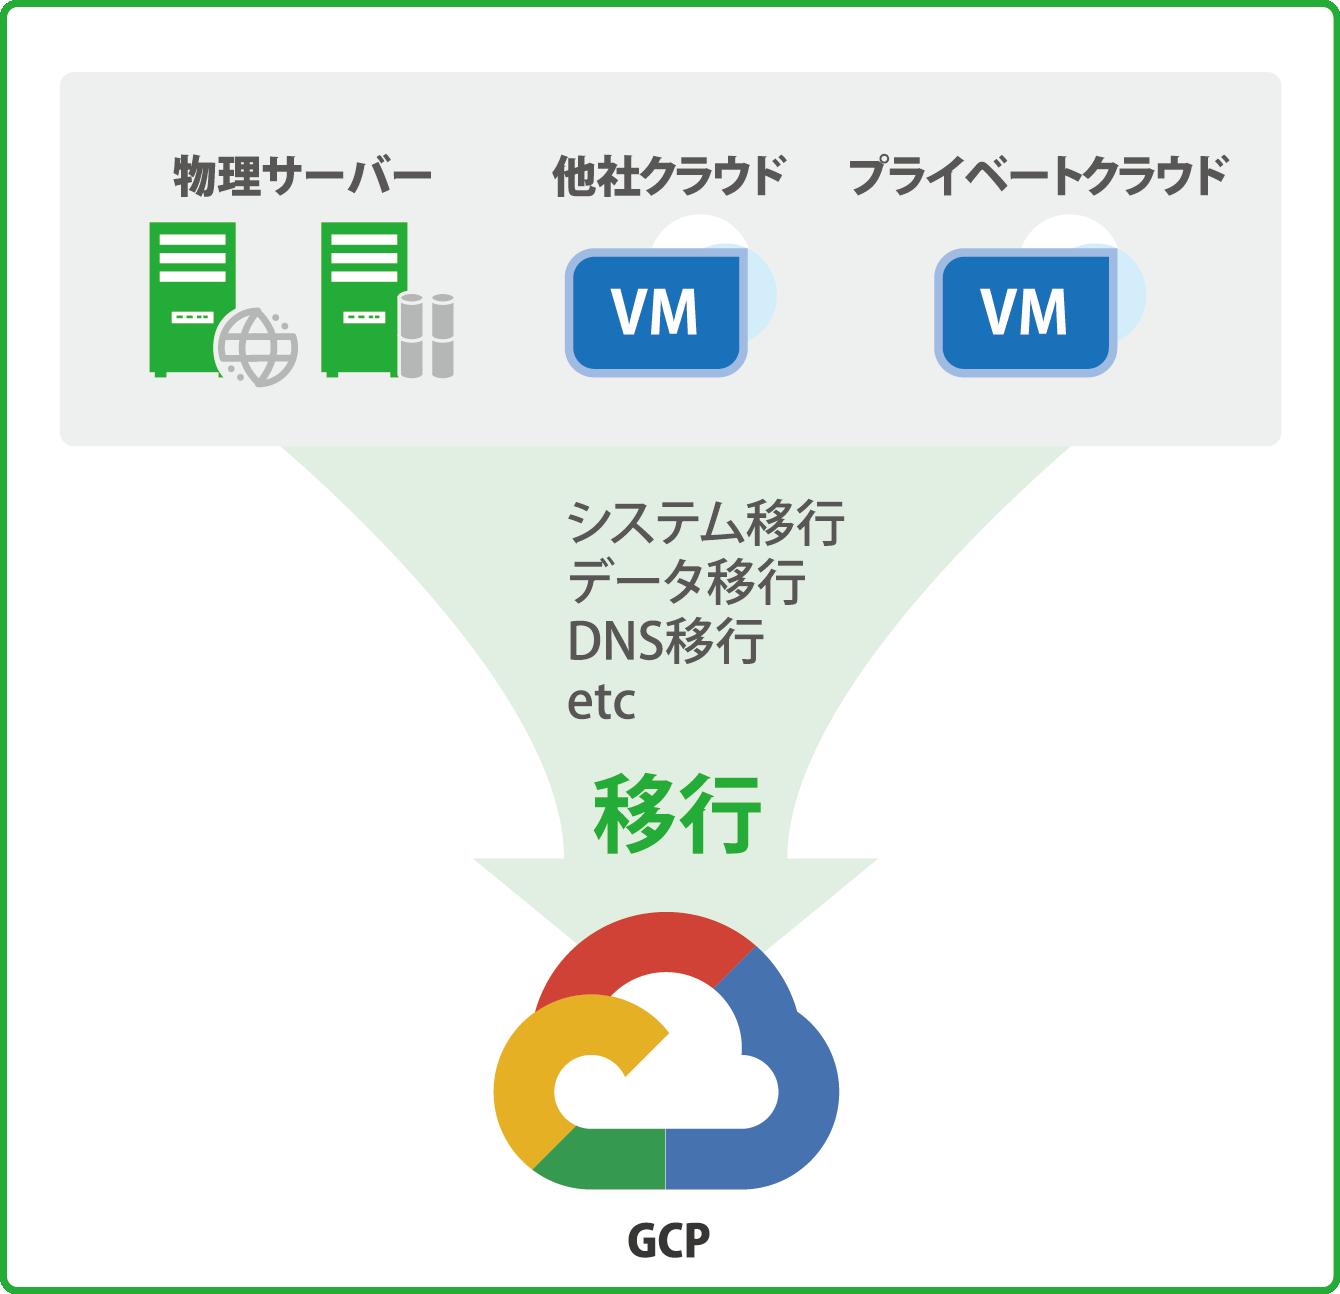 クラウドマイグレーションサービス to GCP